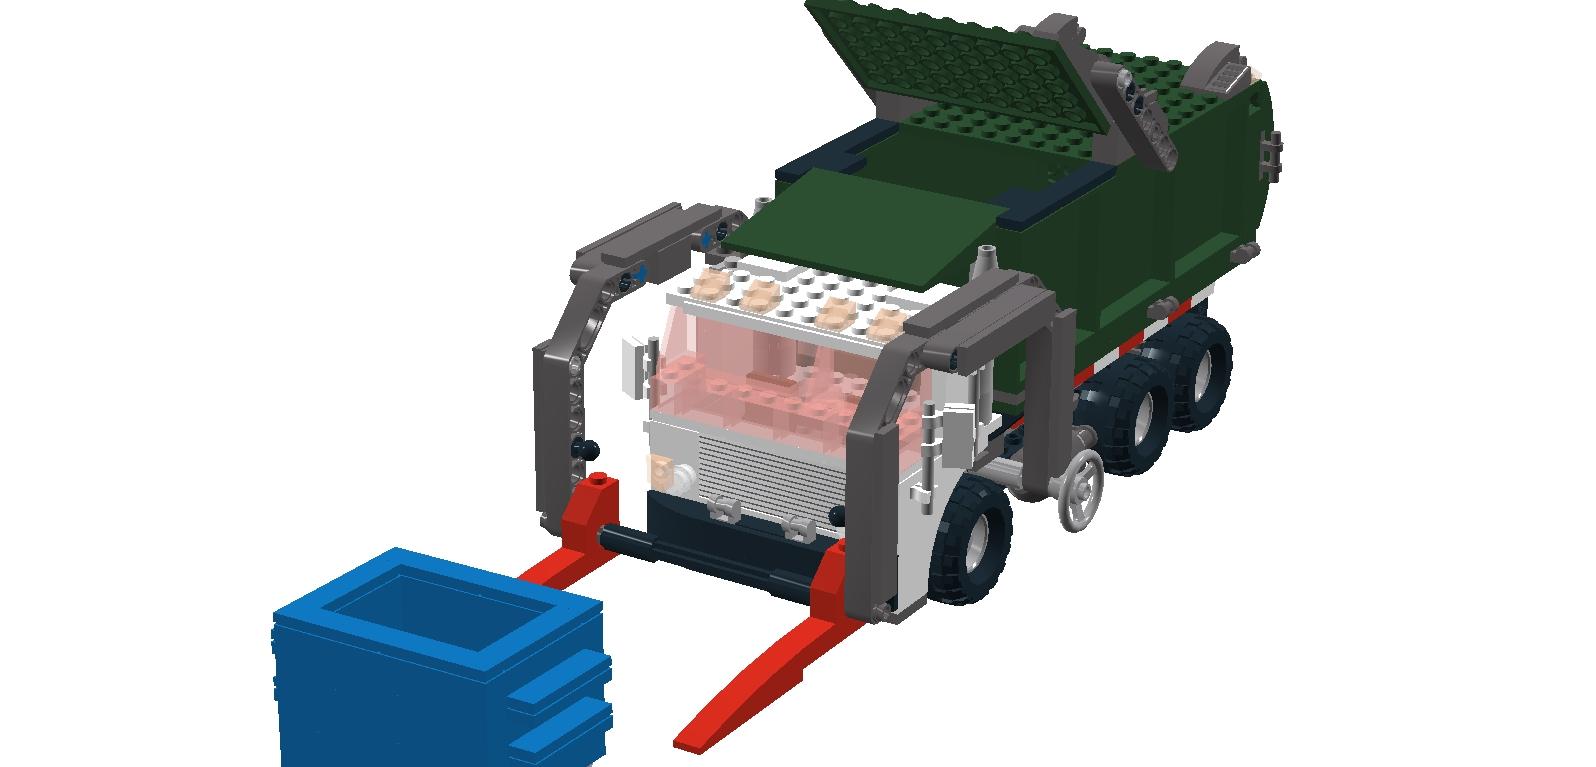 7599_garbage_truck_getaway.jpg